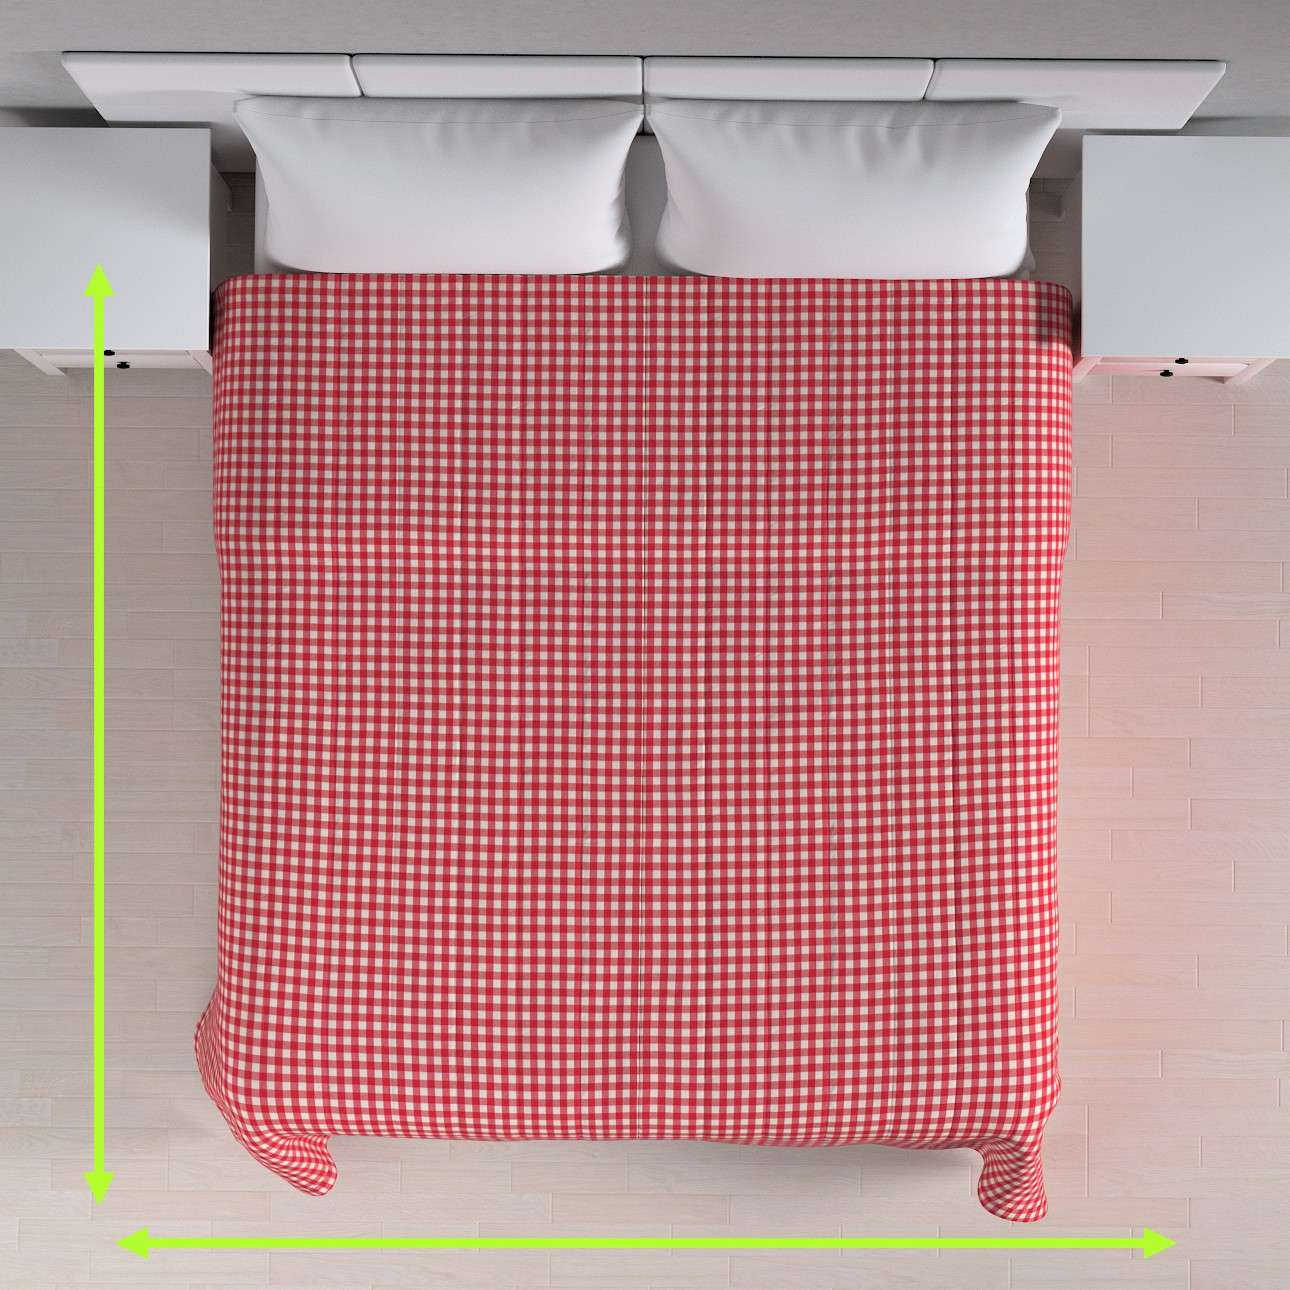 Tagesdecke mit Streifen-Steppung von der Kollektion Quadro, Stoff: 136-16